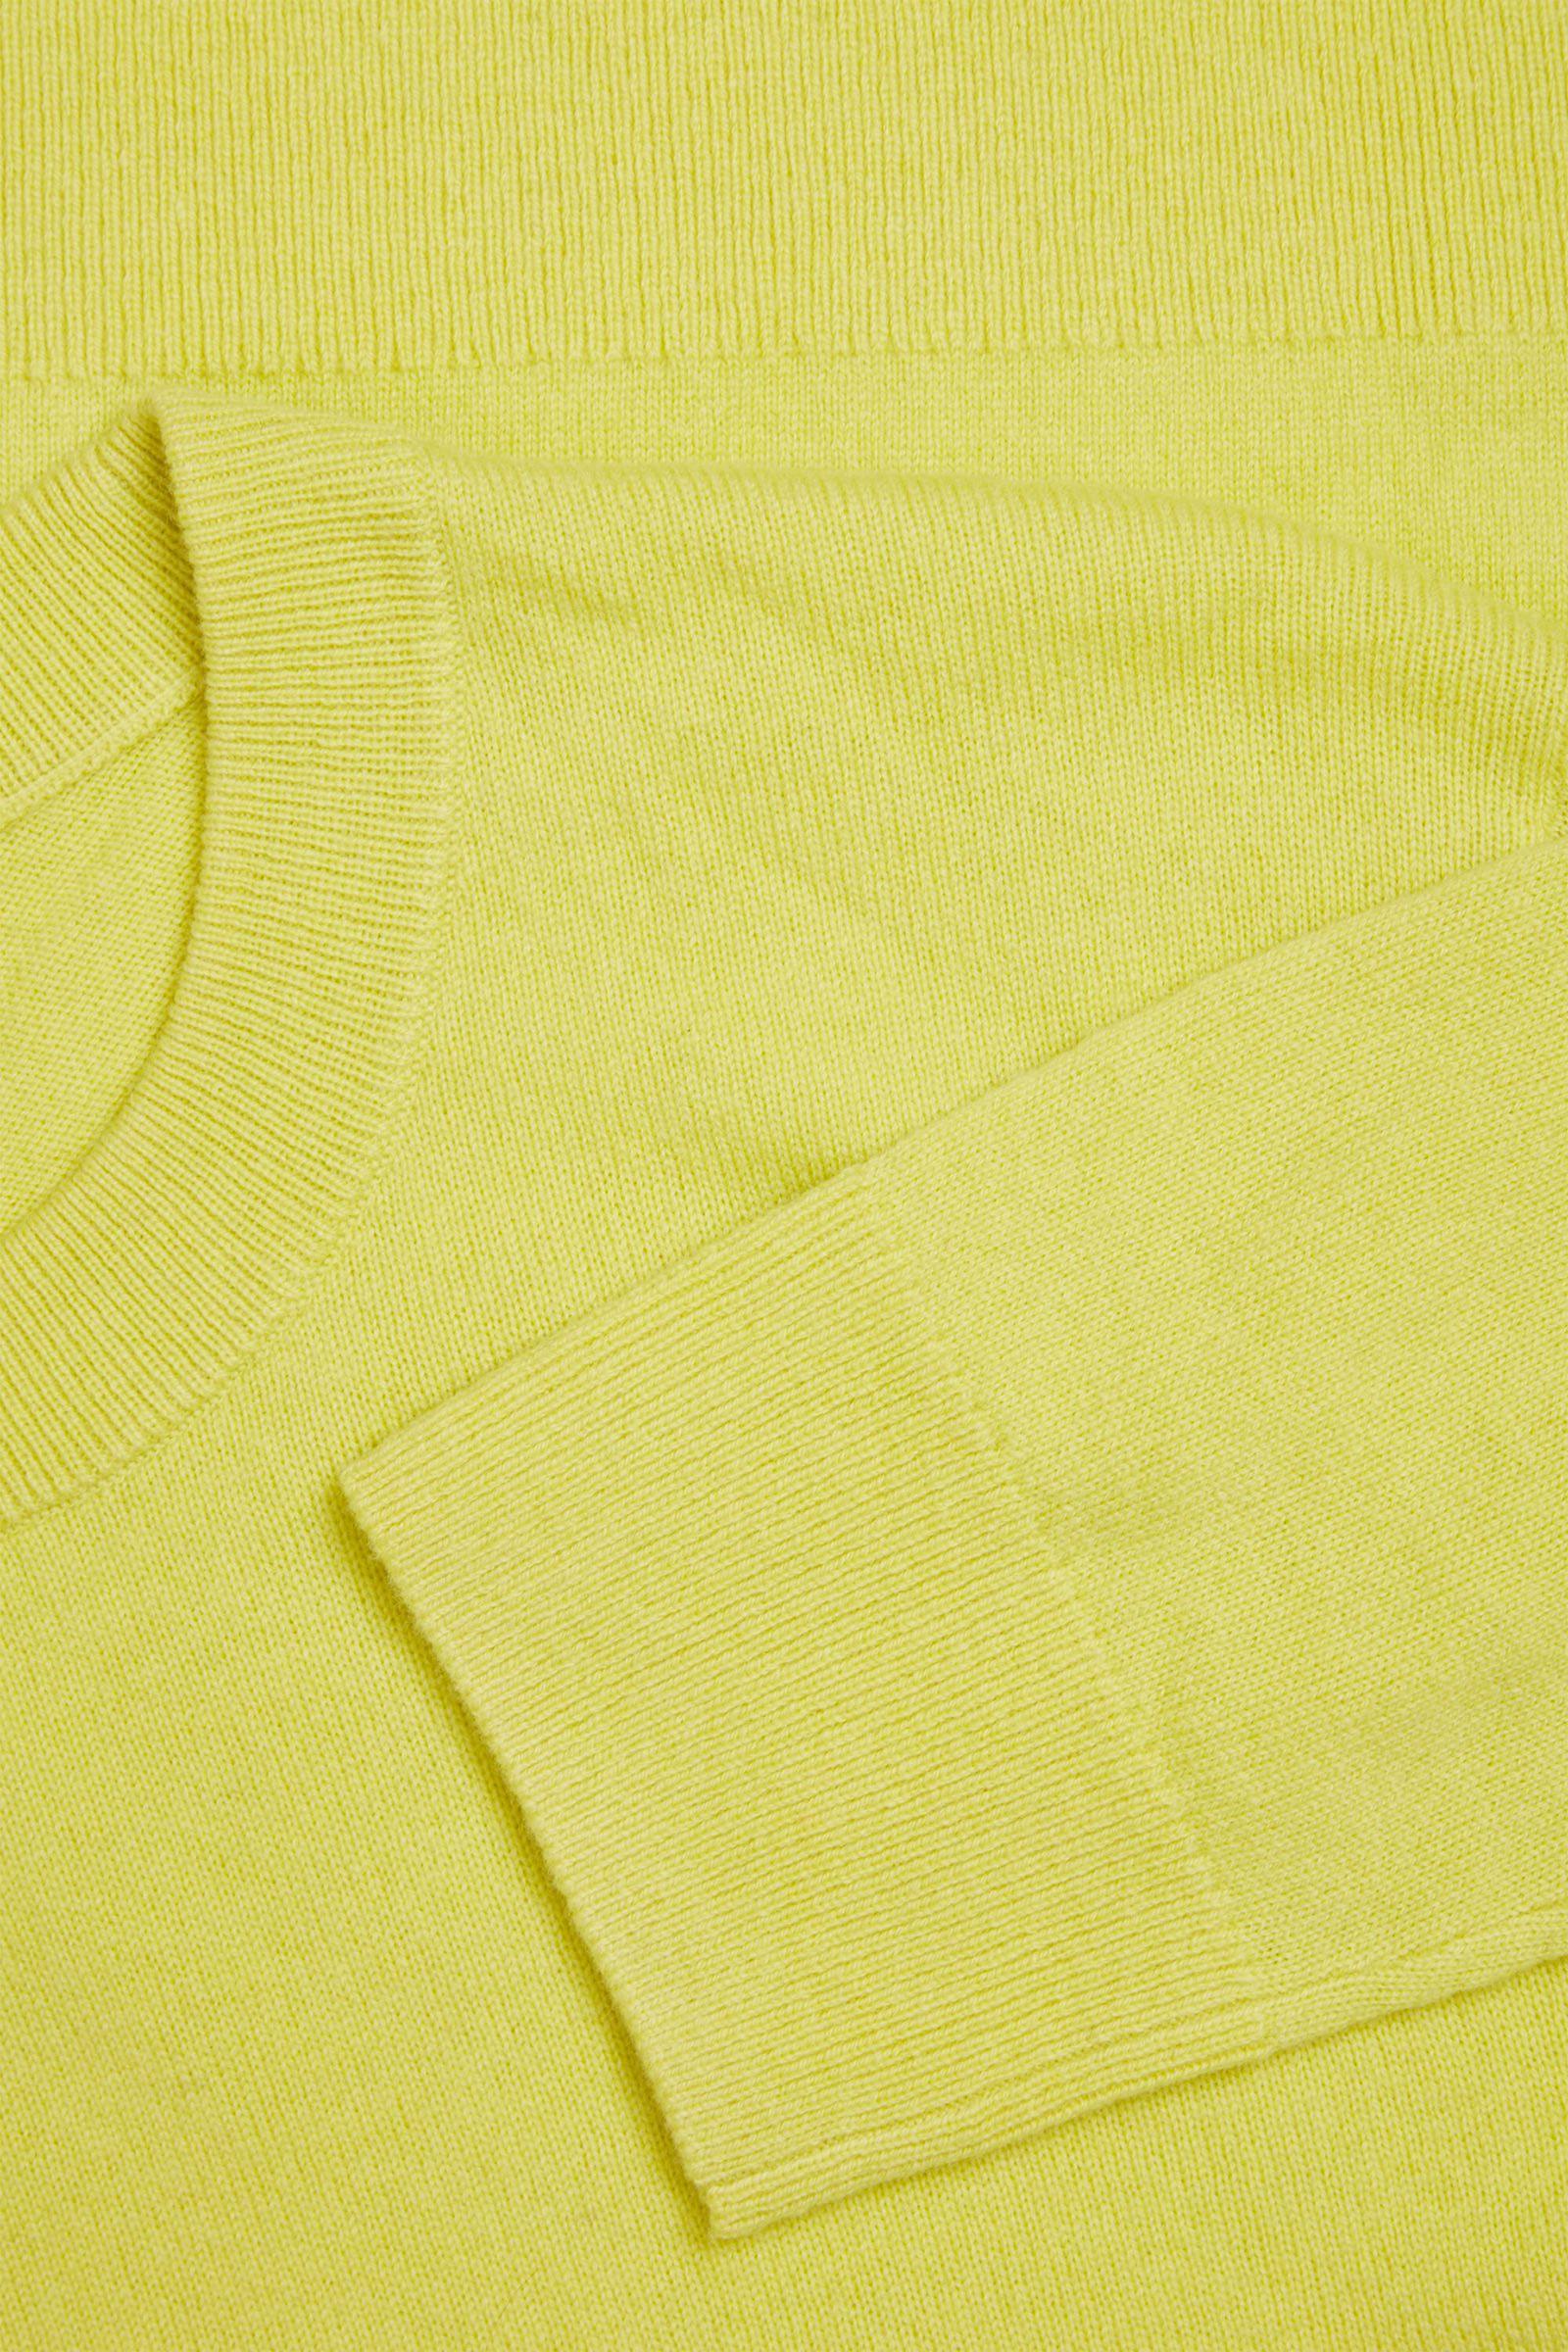 COS 메리노 야크 크루넥 스웨터의 옐로우컬러 Detail입니다.